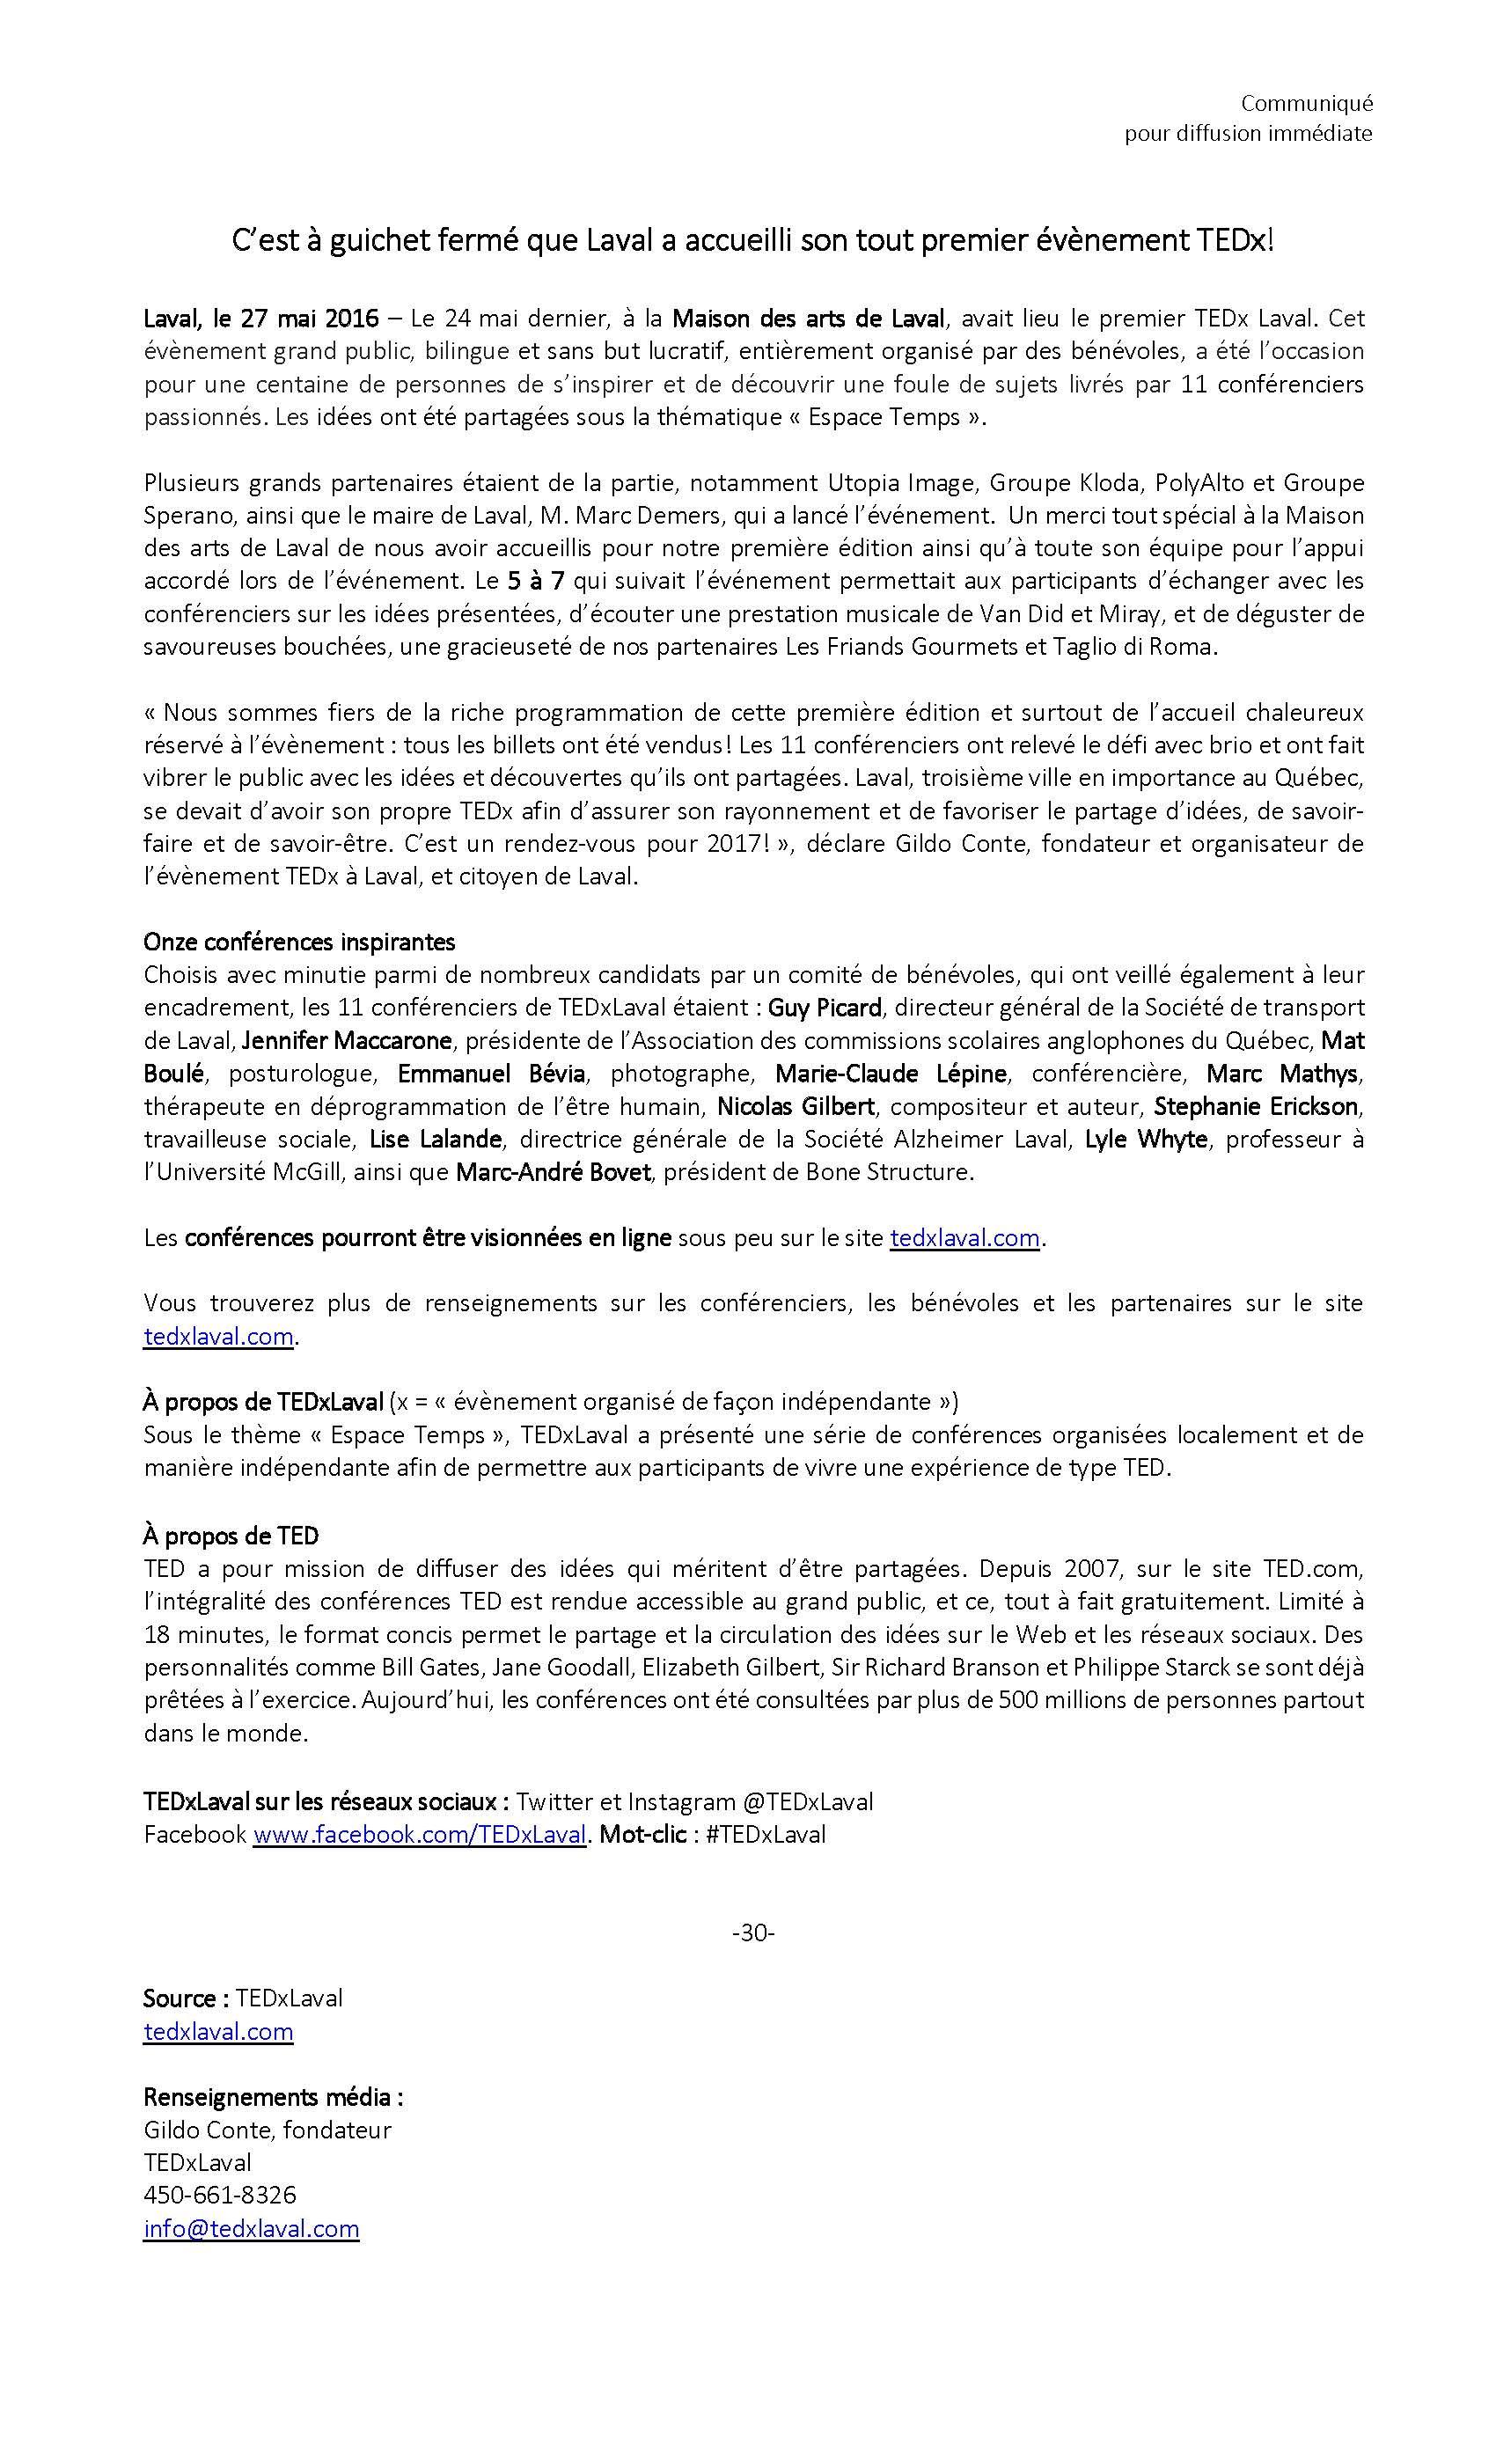 Communiqué_TEDX Laval_27 mai